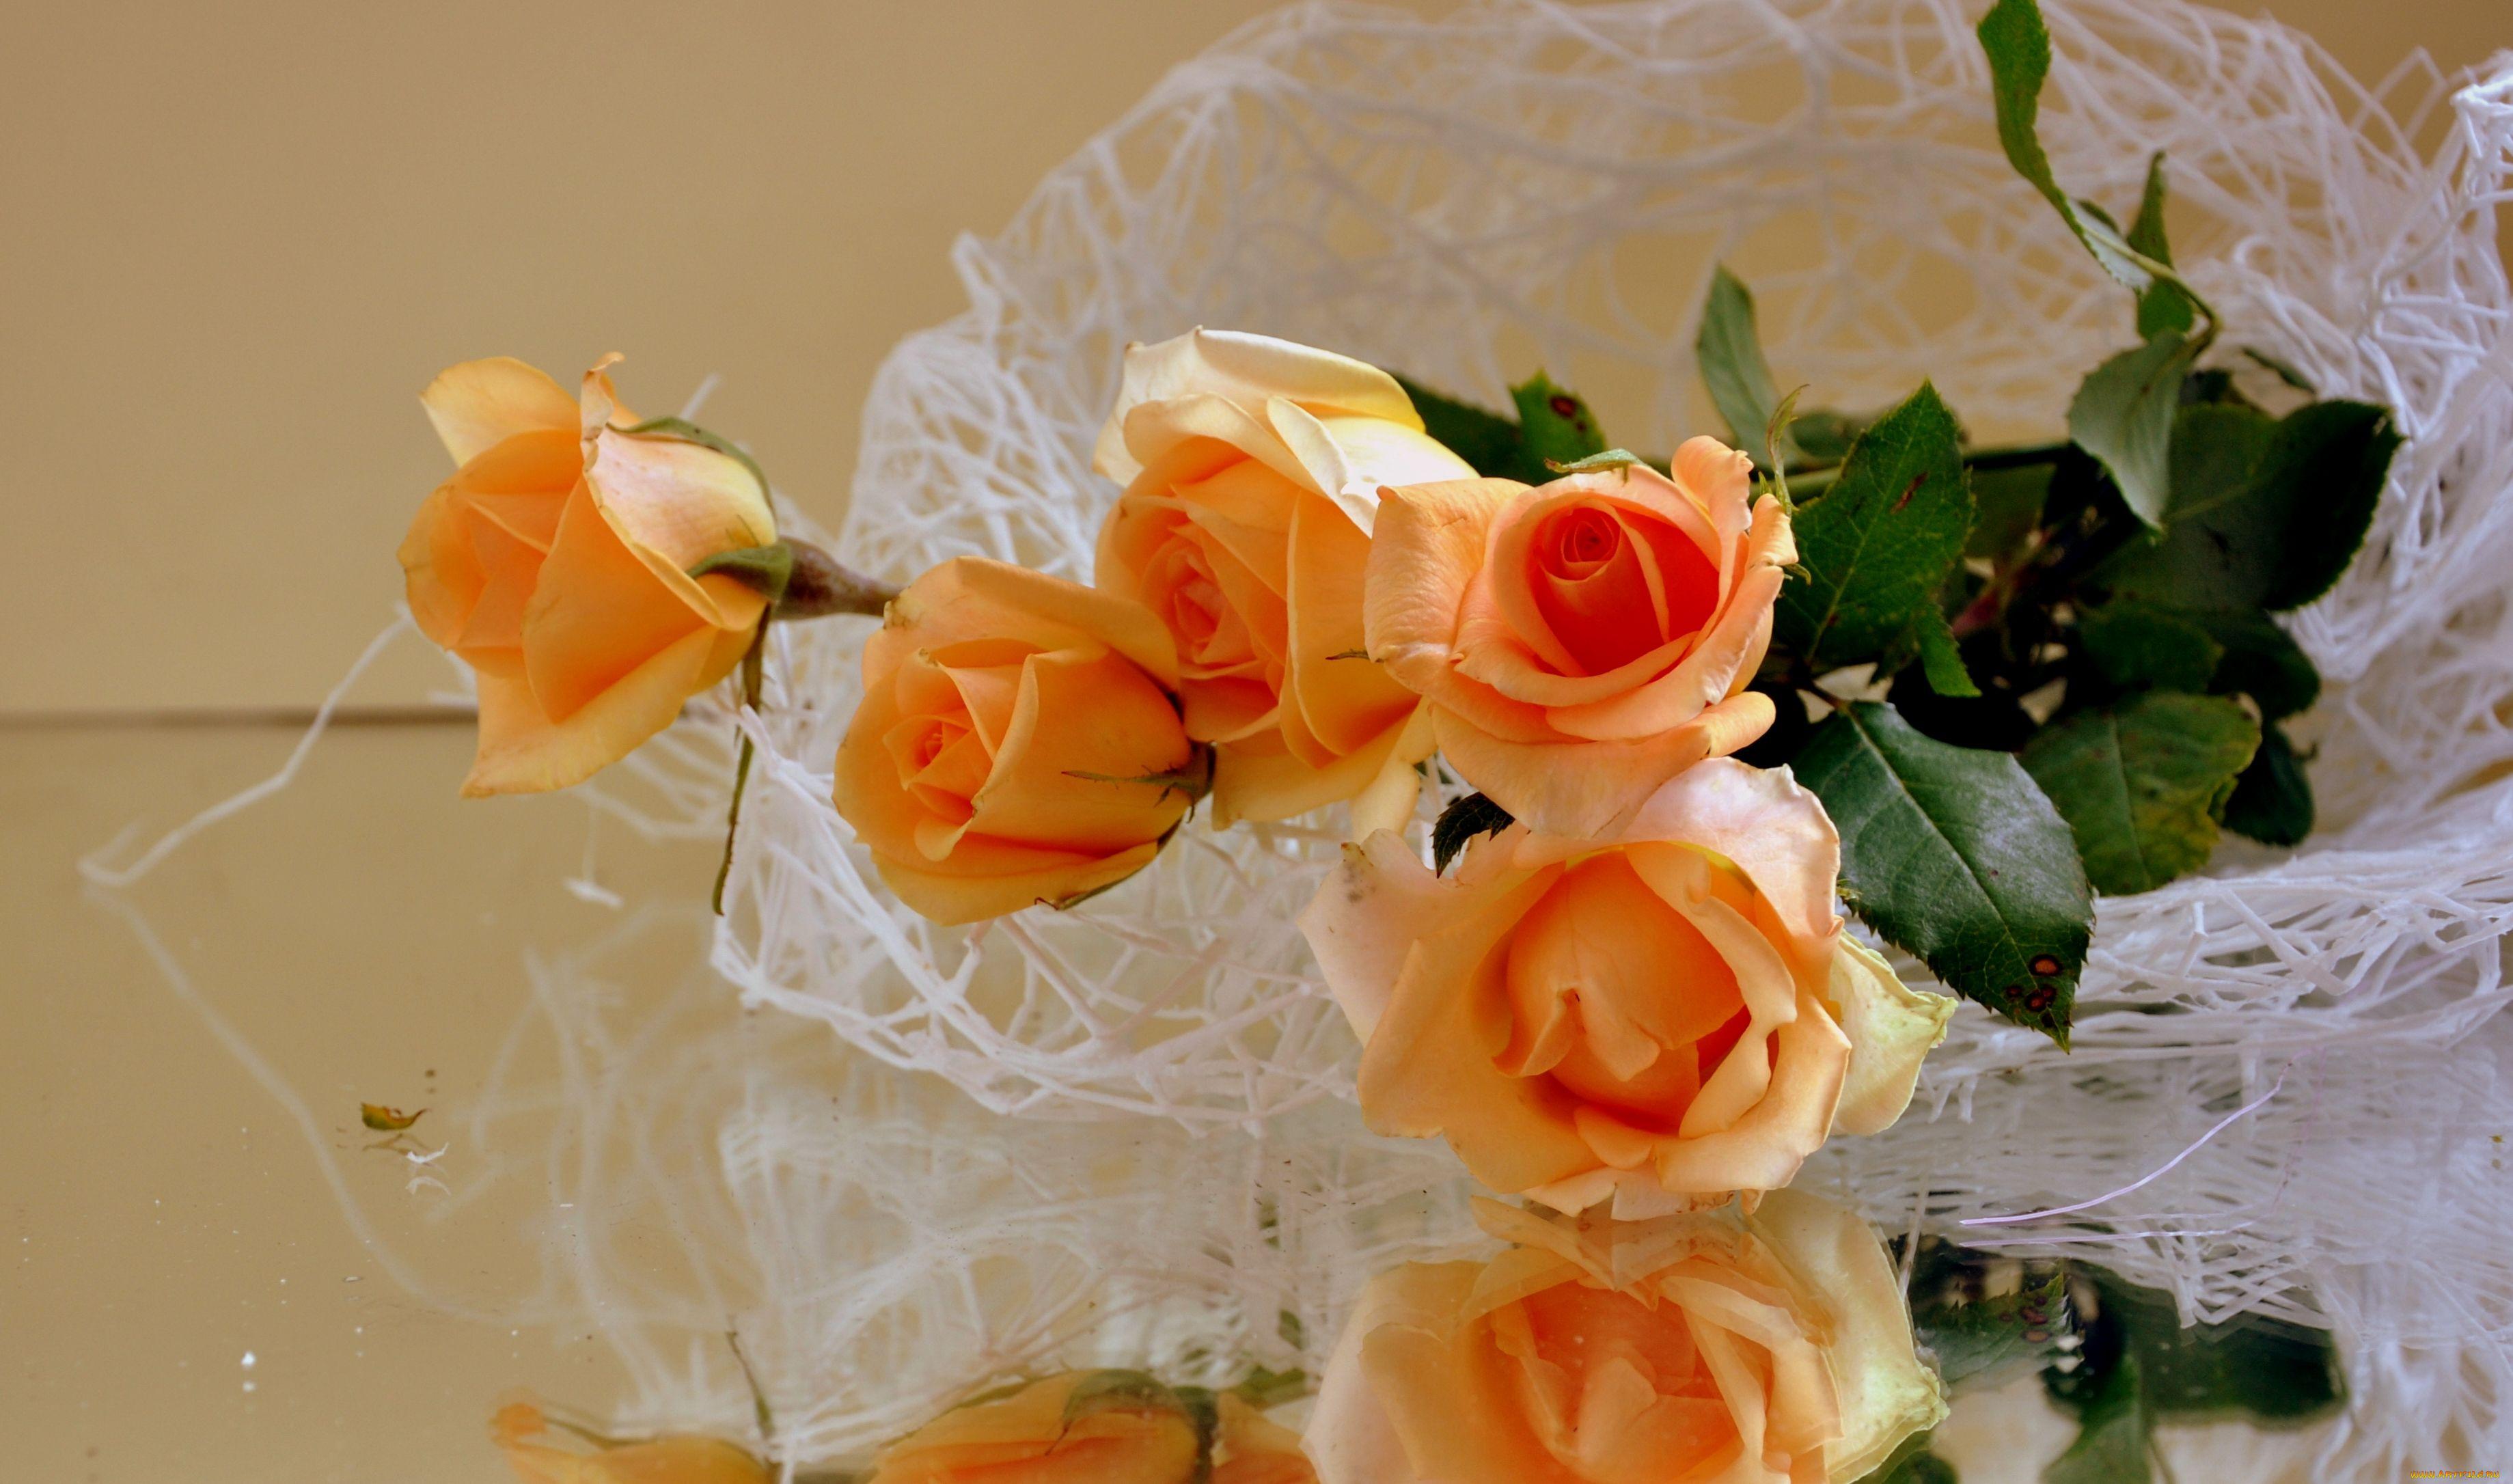 Цветы для надюшки картинки